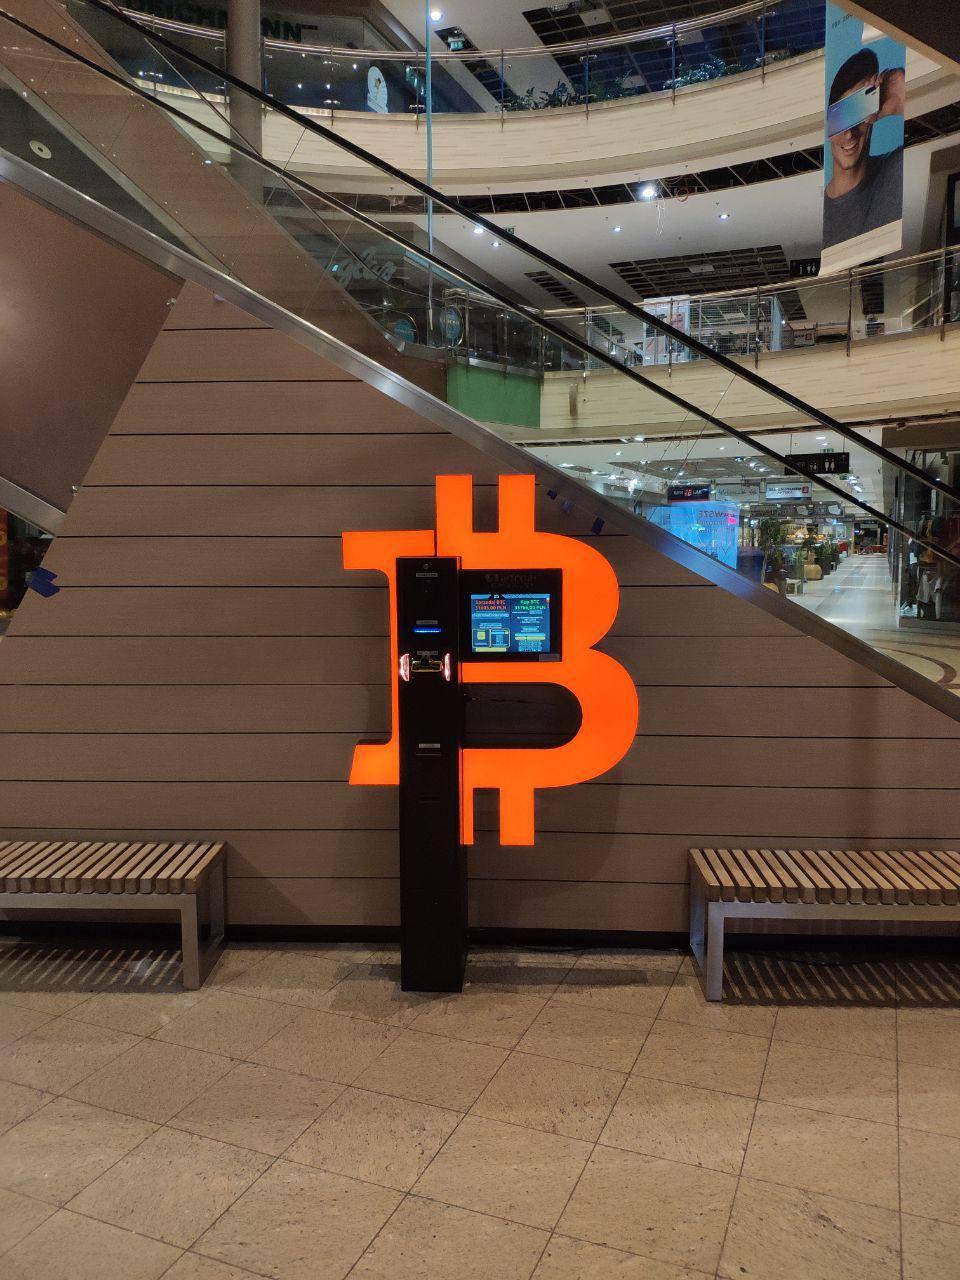 A shitcoins club bitcoin ATM